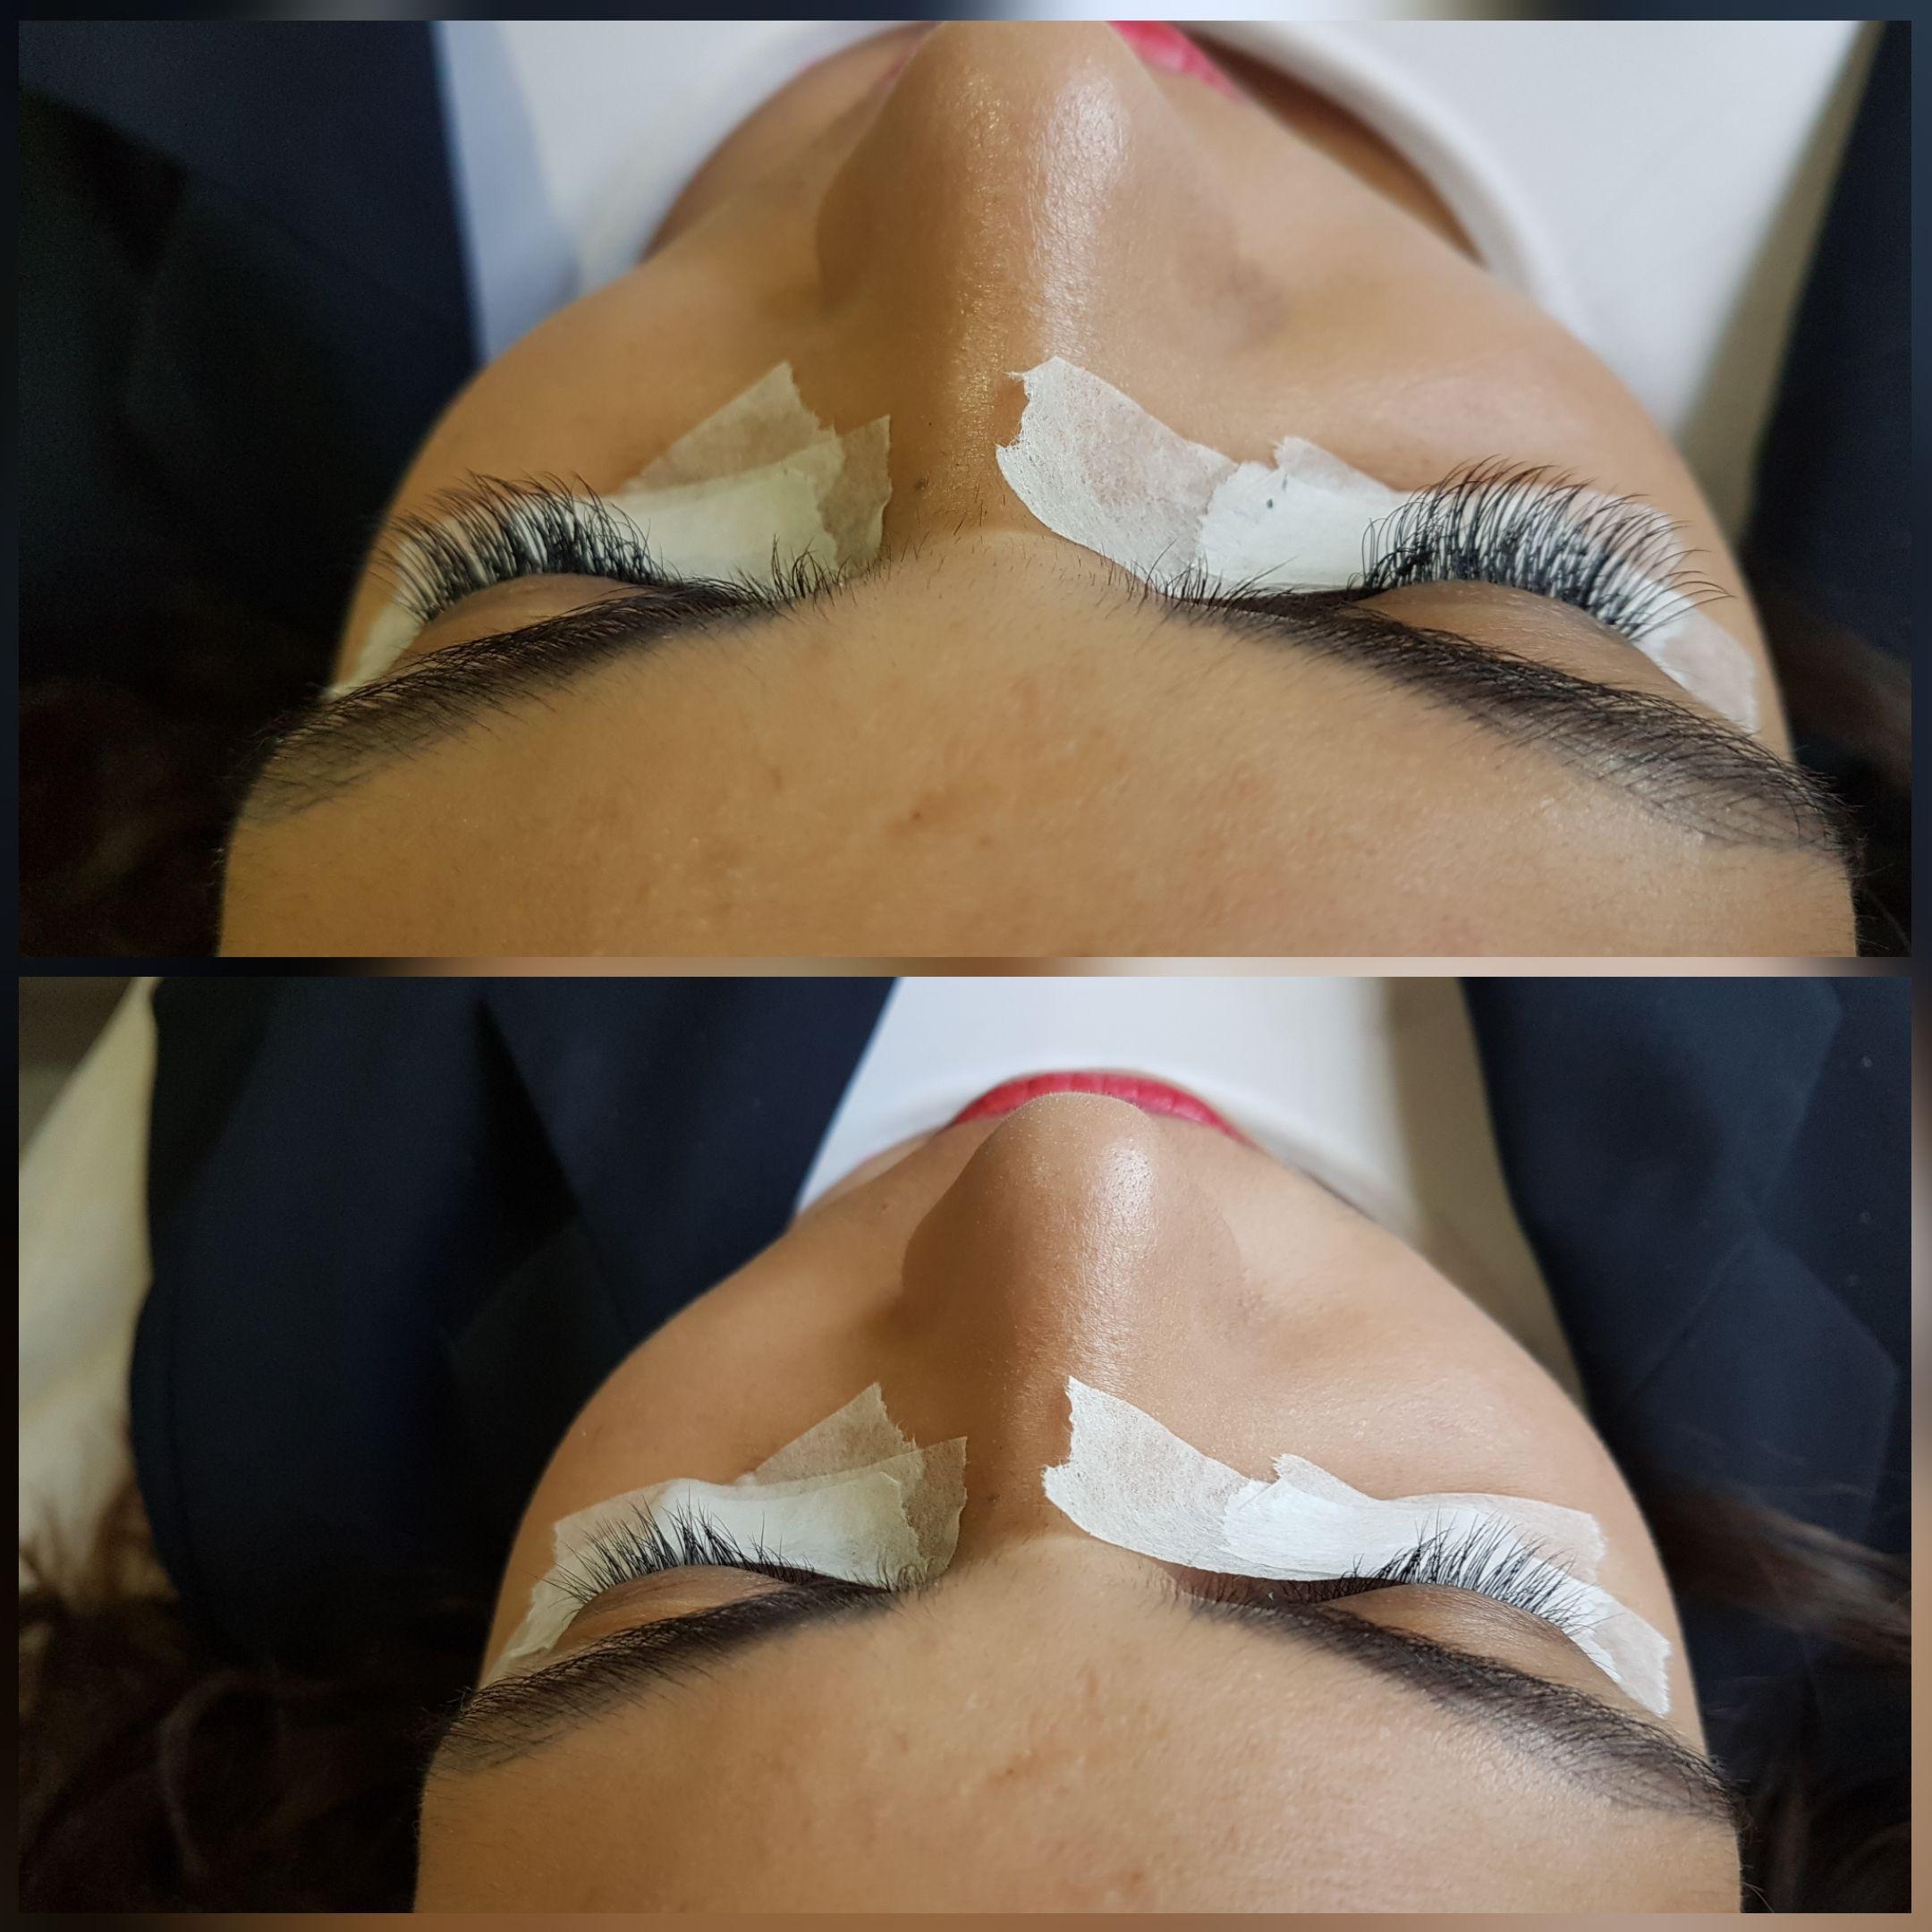 Alongamento de cílios estética esteticista docente / professor(a) manicure e pedicure maquiador(a) micropigmentador(a) cosmetólogo(a) aromaterapeuta